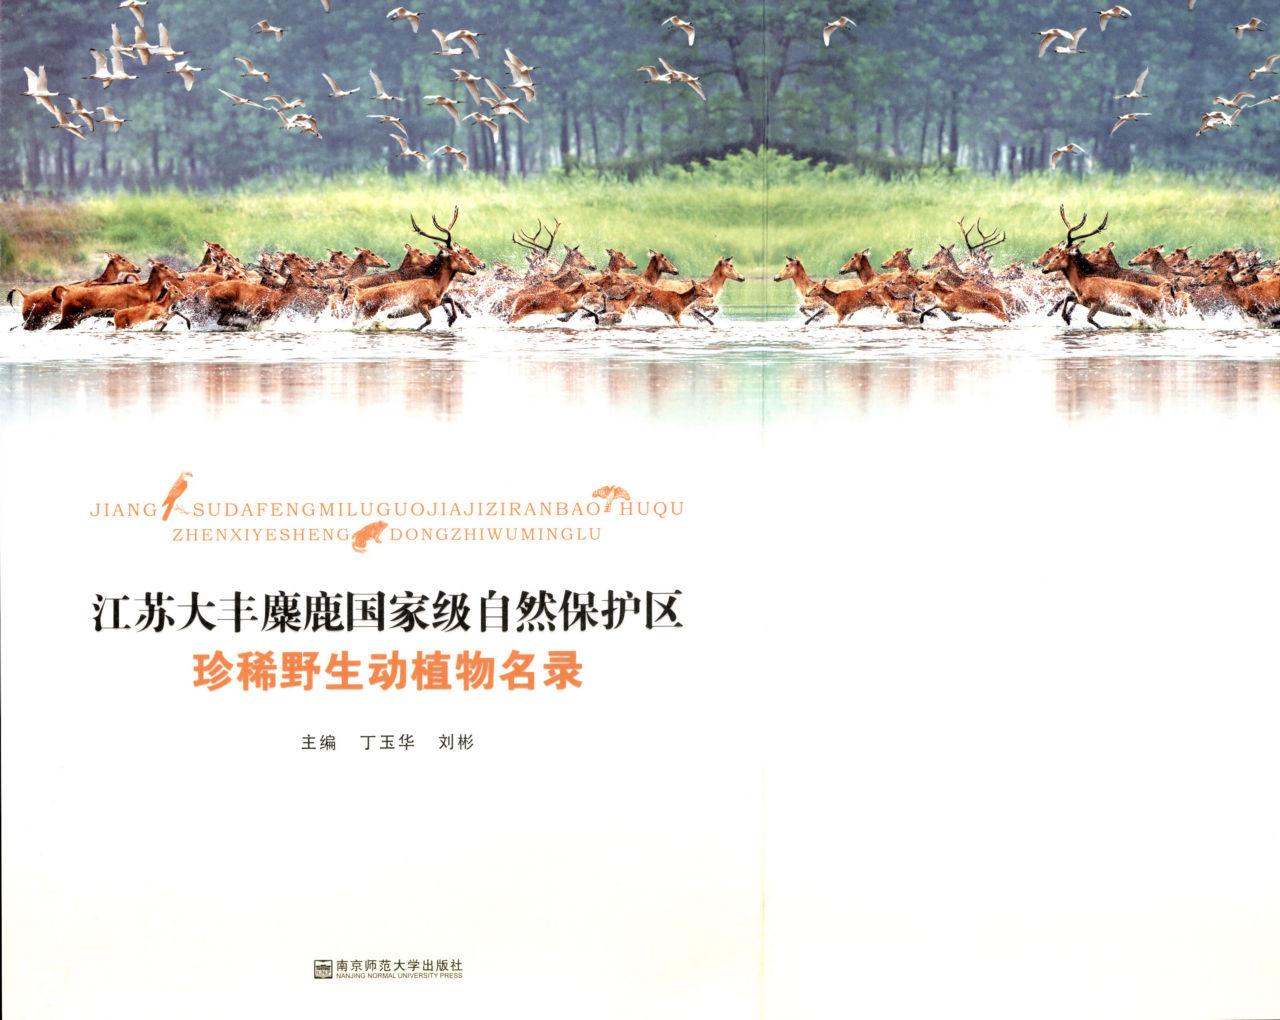 江苏大丰麋鹿国家级自然保护区珍稀野生动植物名录 JIANGSUDAFENGMILUGUOJIAJIZIRANBAOHUQUZHENXIYESHENGDONGZHIWUMINGLU